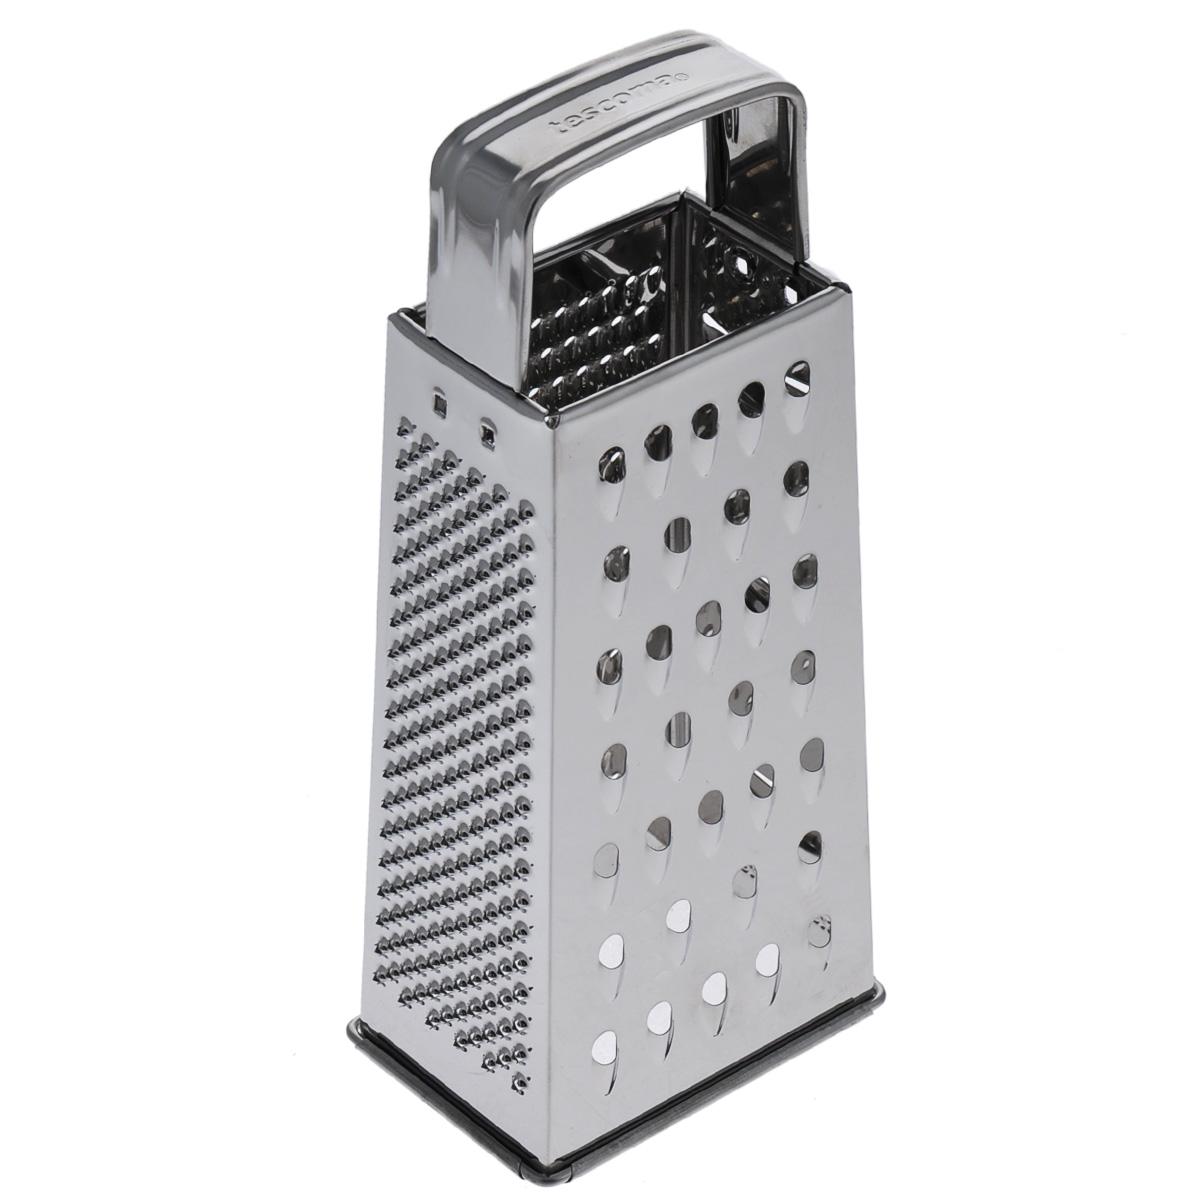 Терка четырехгранная Tescoma Handy643740Четырехгранная терка Tescoma Handy, выполненная из высококачественной нержавеющей стали с зеркальной полировкой, станет незаменимым атрибутом приготовления пищи. Сверху на терке находится удобная ручка. На одном изделие представлены четыре вида терок - крупная, мелкая, фигурная и нарезка ломтиками. Современный стильный дизайн позволит терке занять достойное место на вашей кухне. Можно мыть в посудомоечной машине.